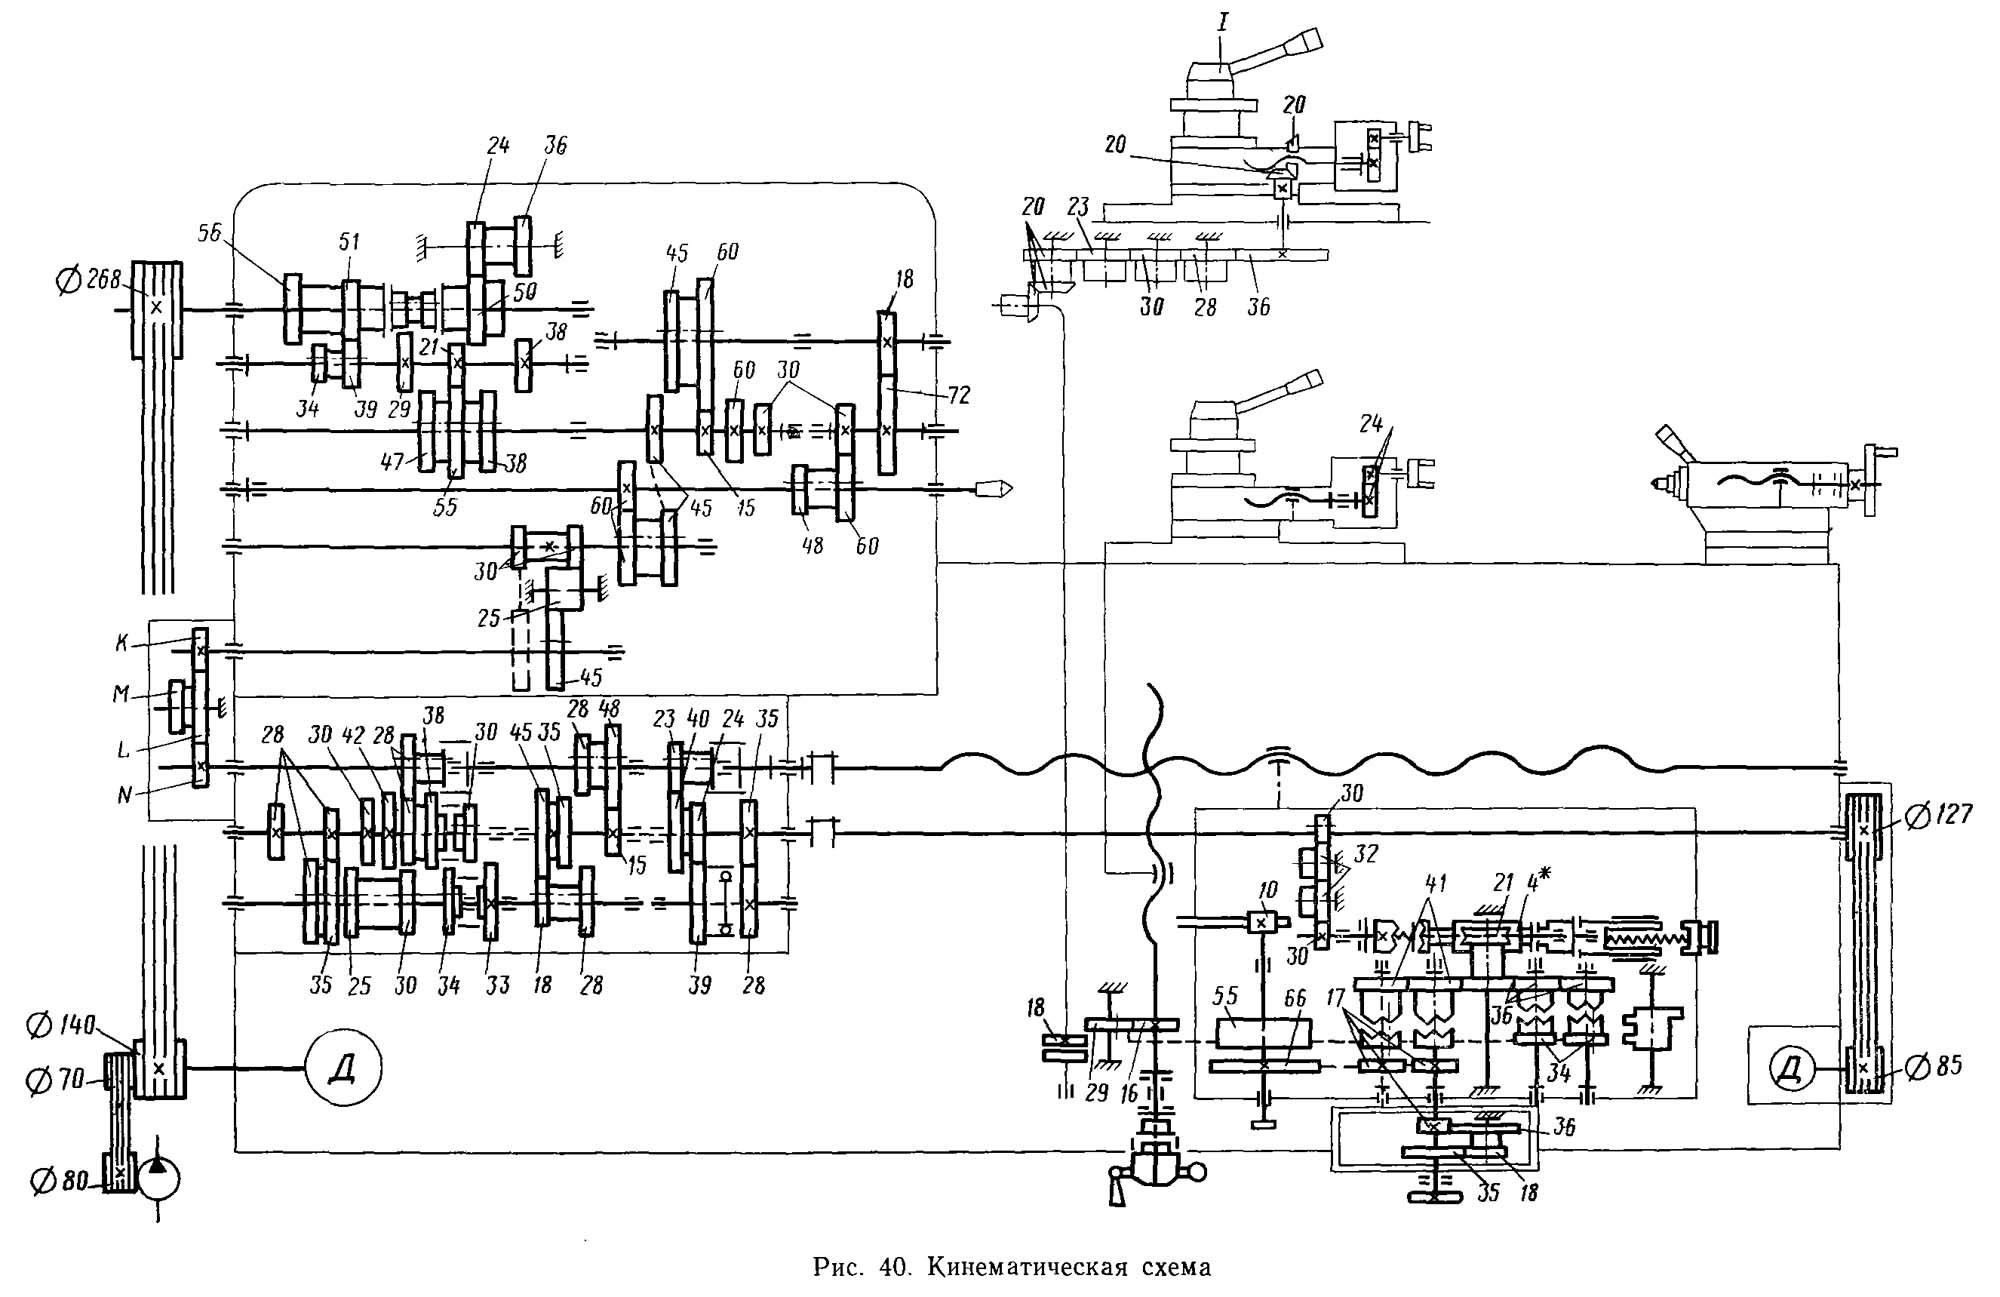 Особенности разборки и сборки станка и его узлов